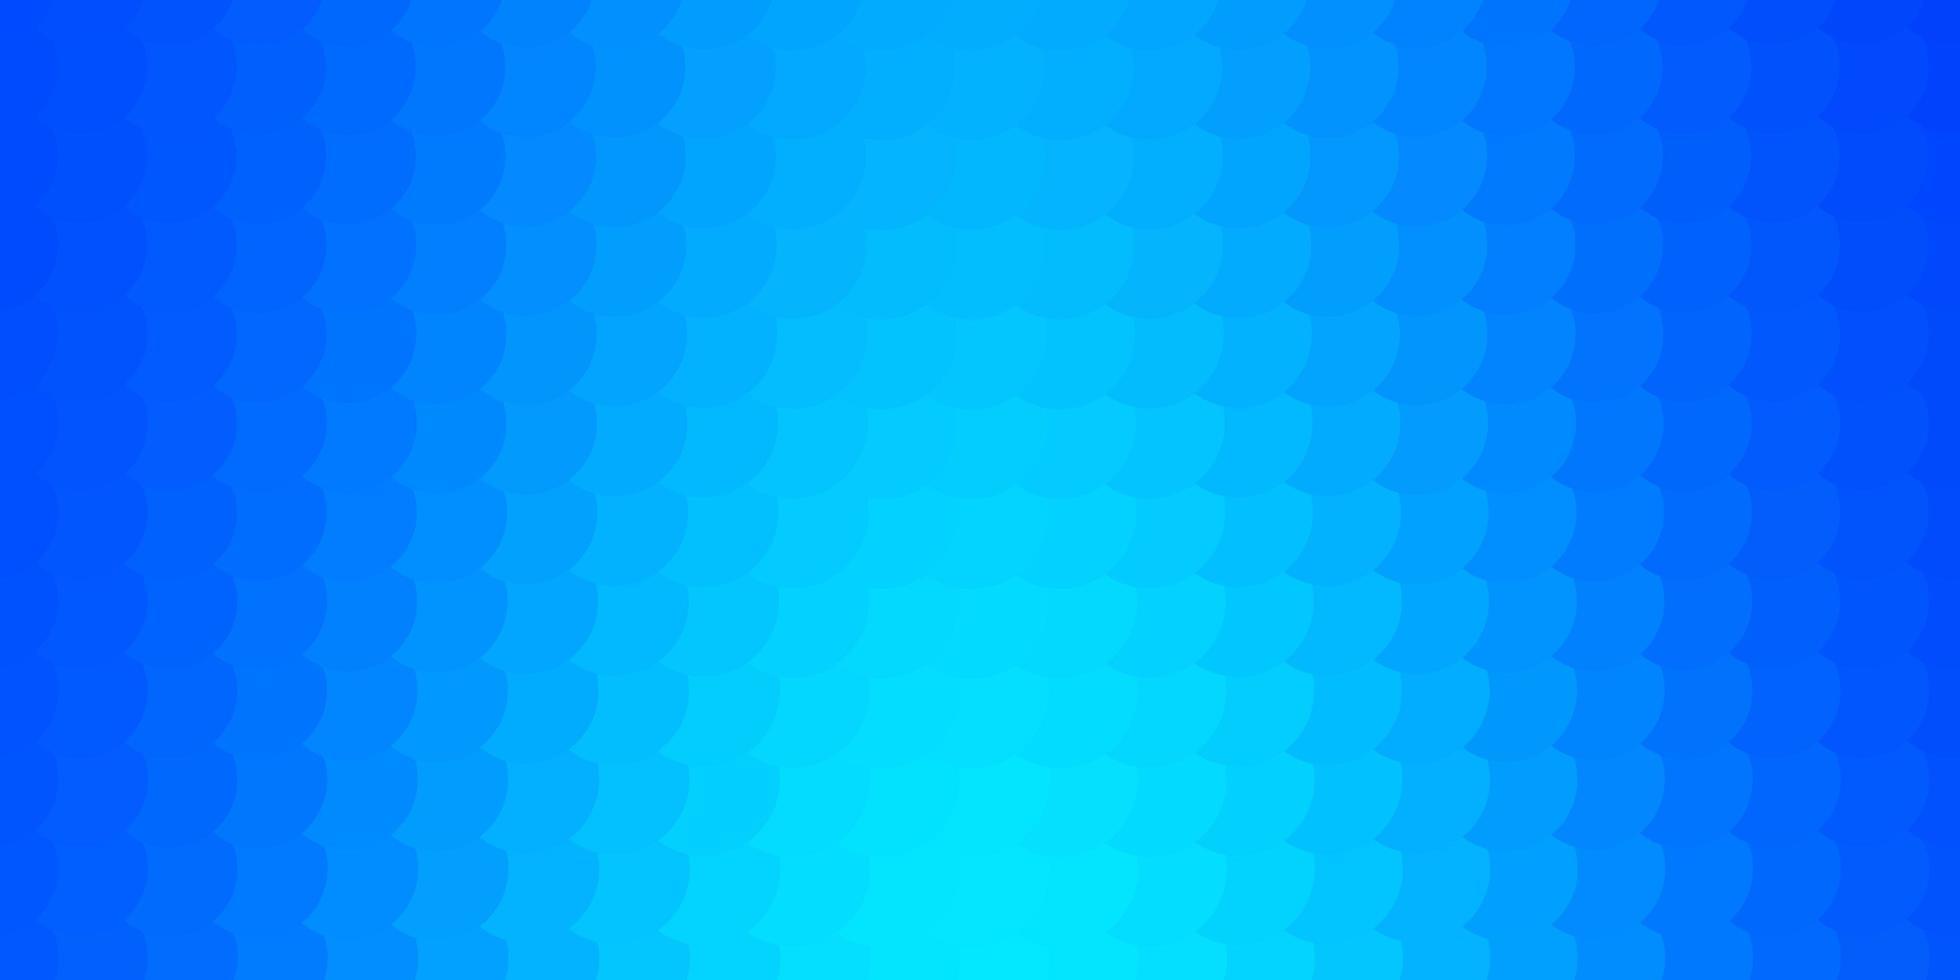 sfondo blu con bolle. vettore